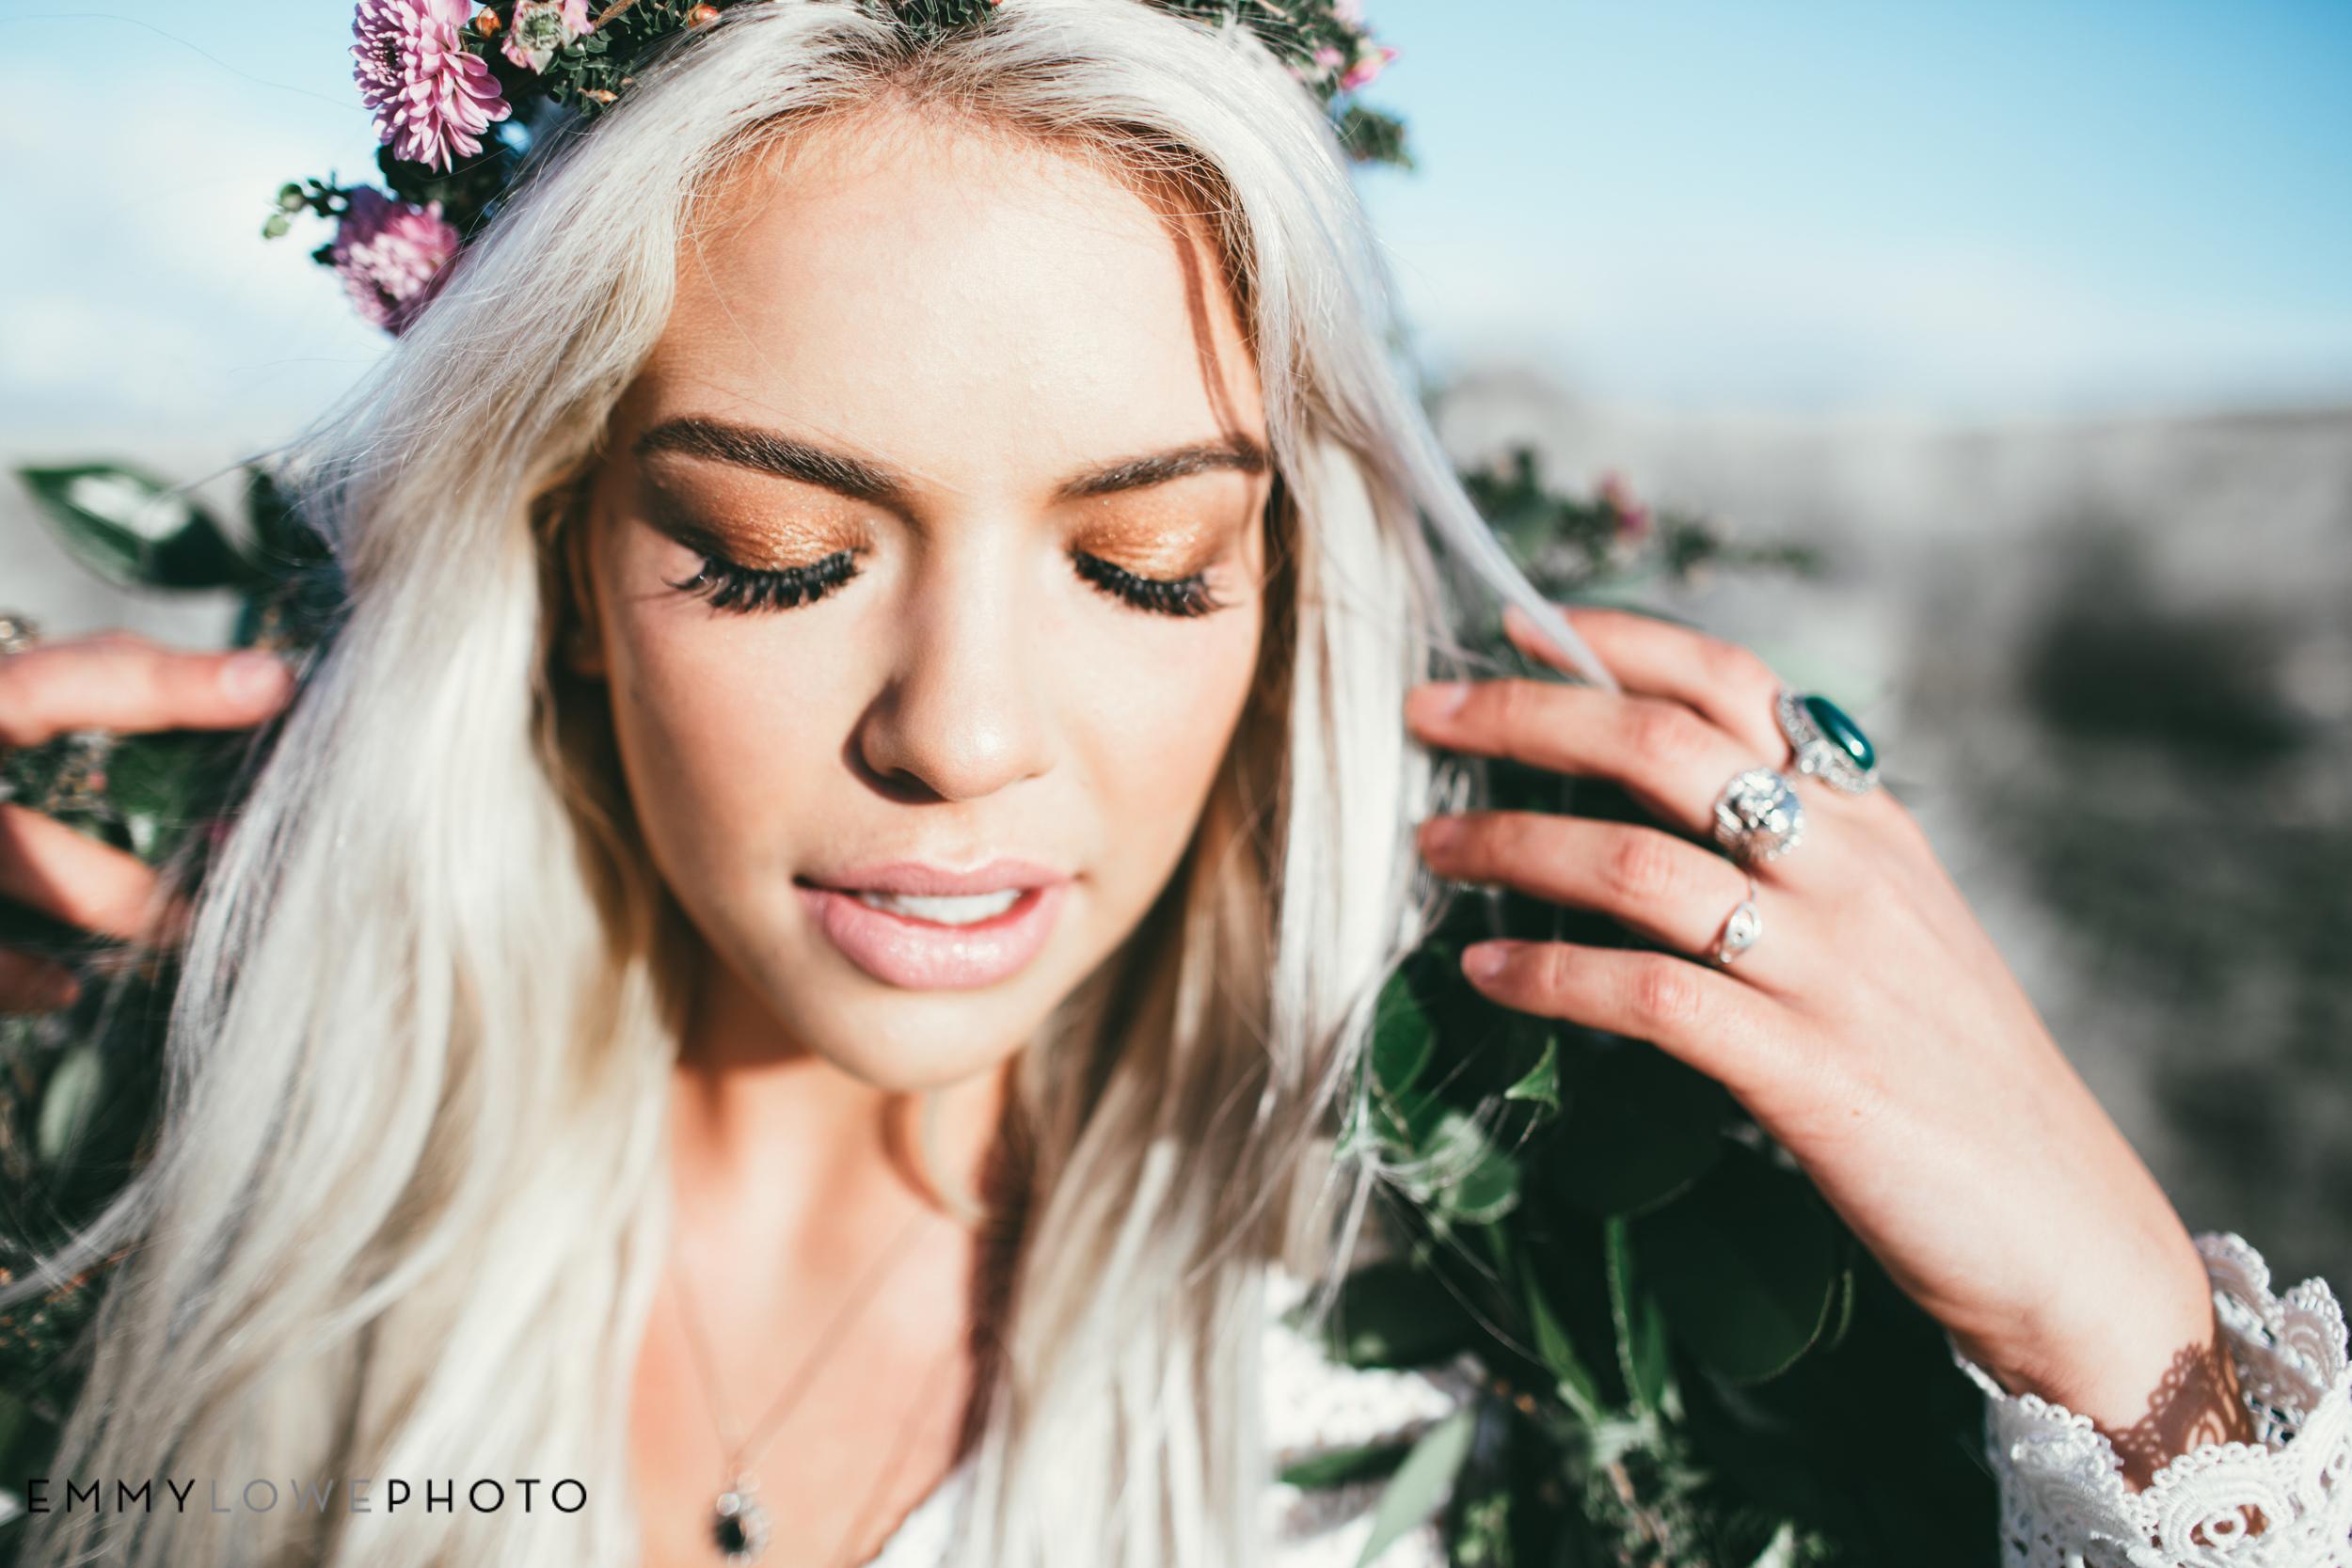 EmmyLowePhotoSydneyBridalSaltLakeCityUtahPhotographer